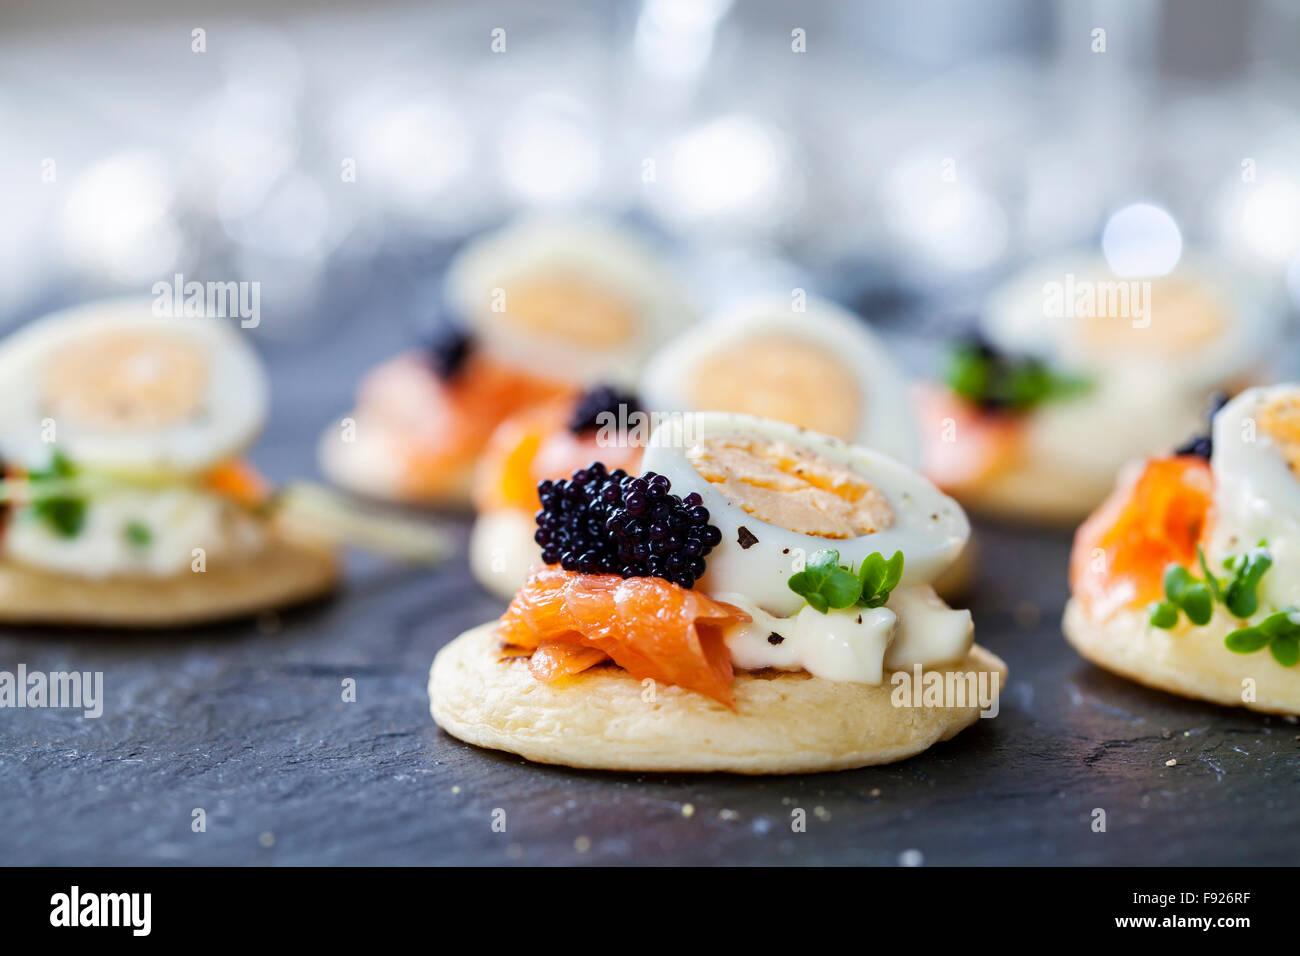 Parte de alimentos, blinis con salmón, huevo de codorniz y caviar Imagen De Stock